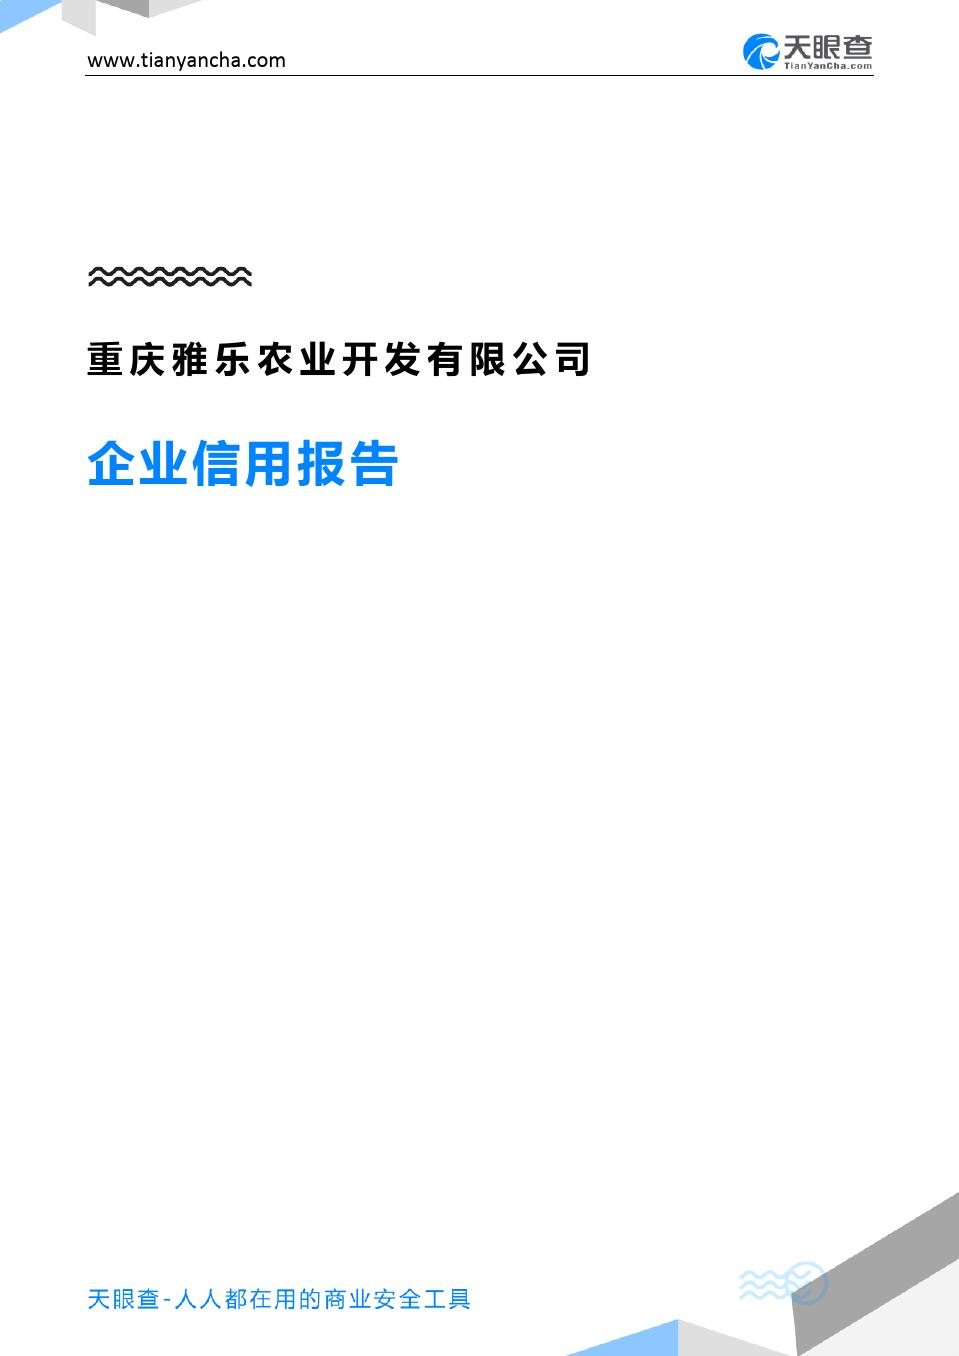 重慶雅樂農業開發有限公司(企業信用報告)- 天眼查